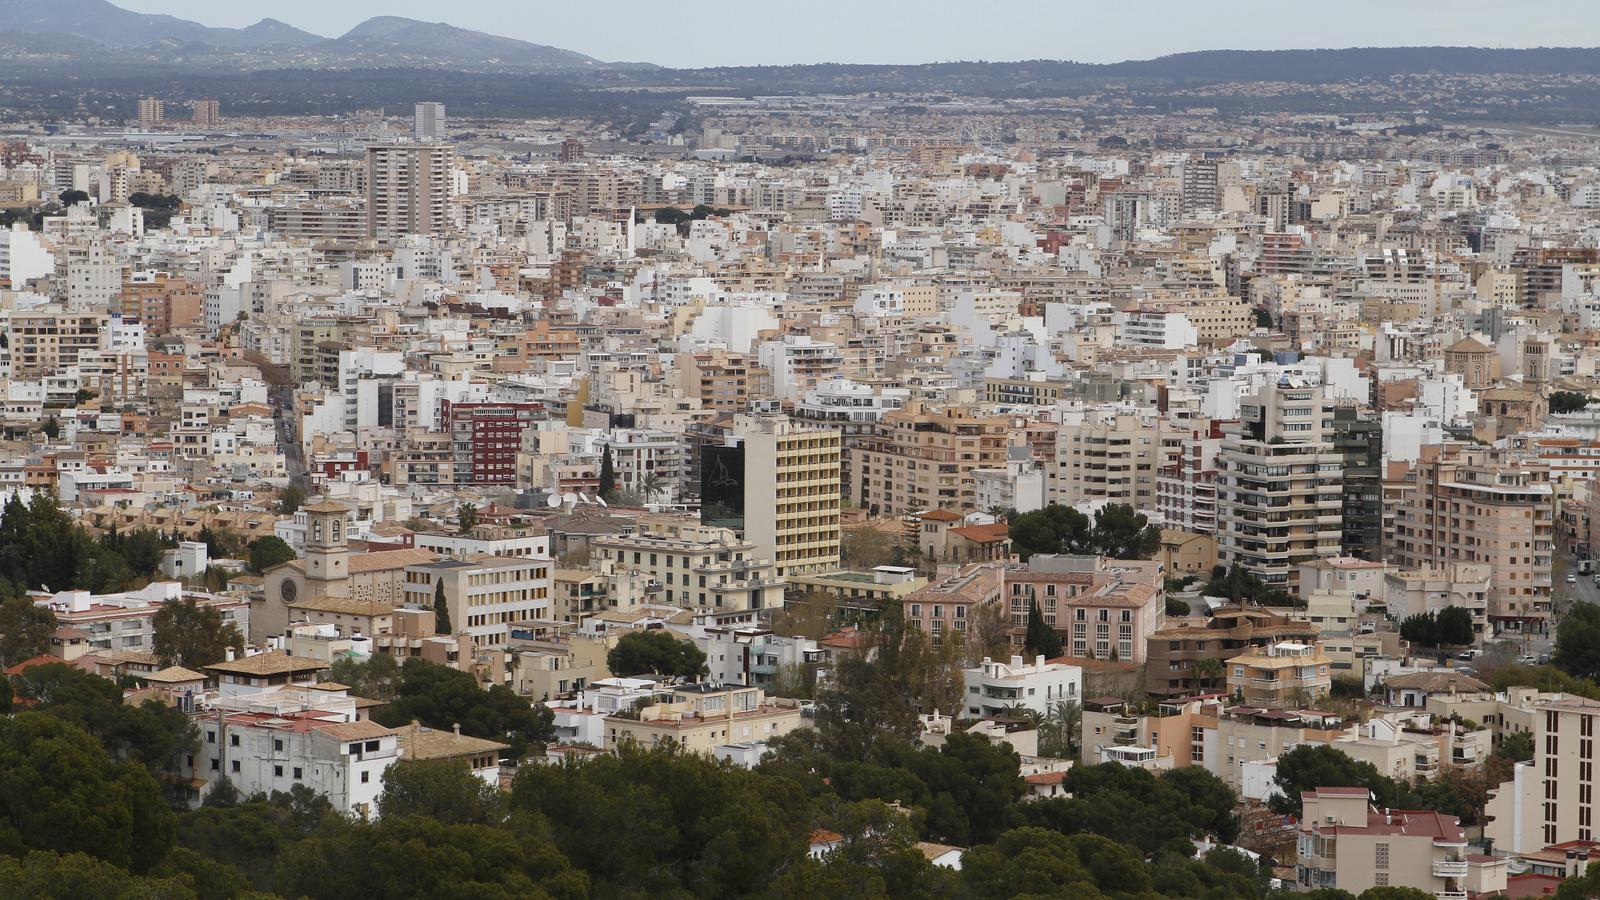 El Govern ja multa bancs i fons d'inversió per vulnerar la Llei d'habitatge